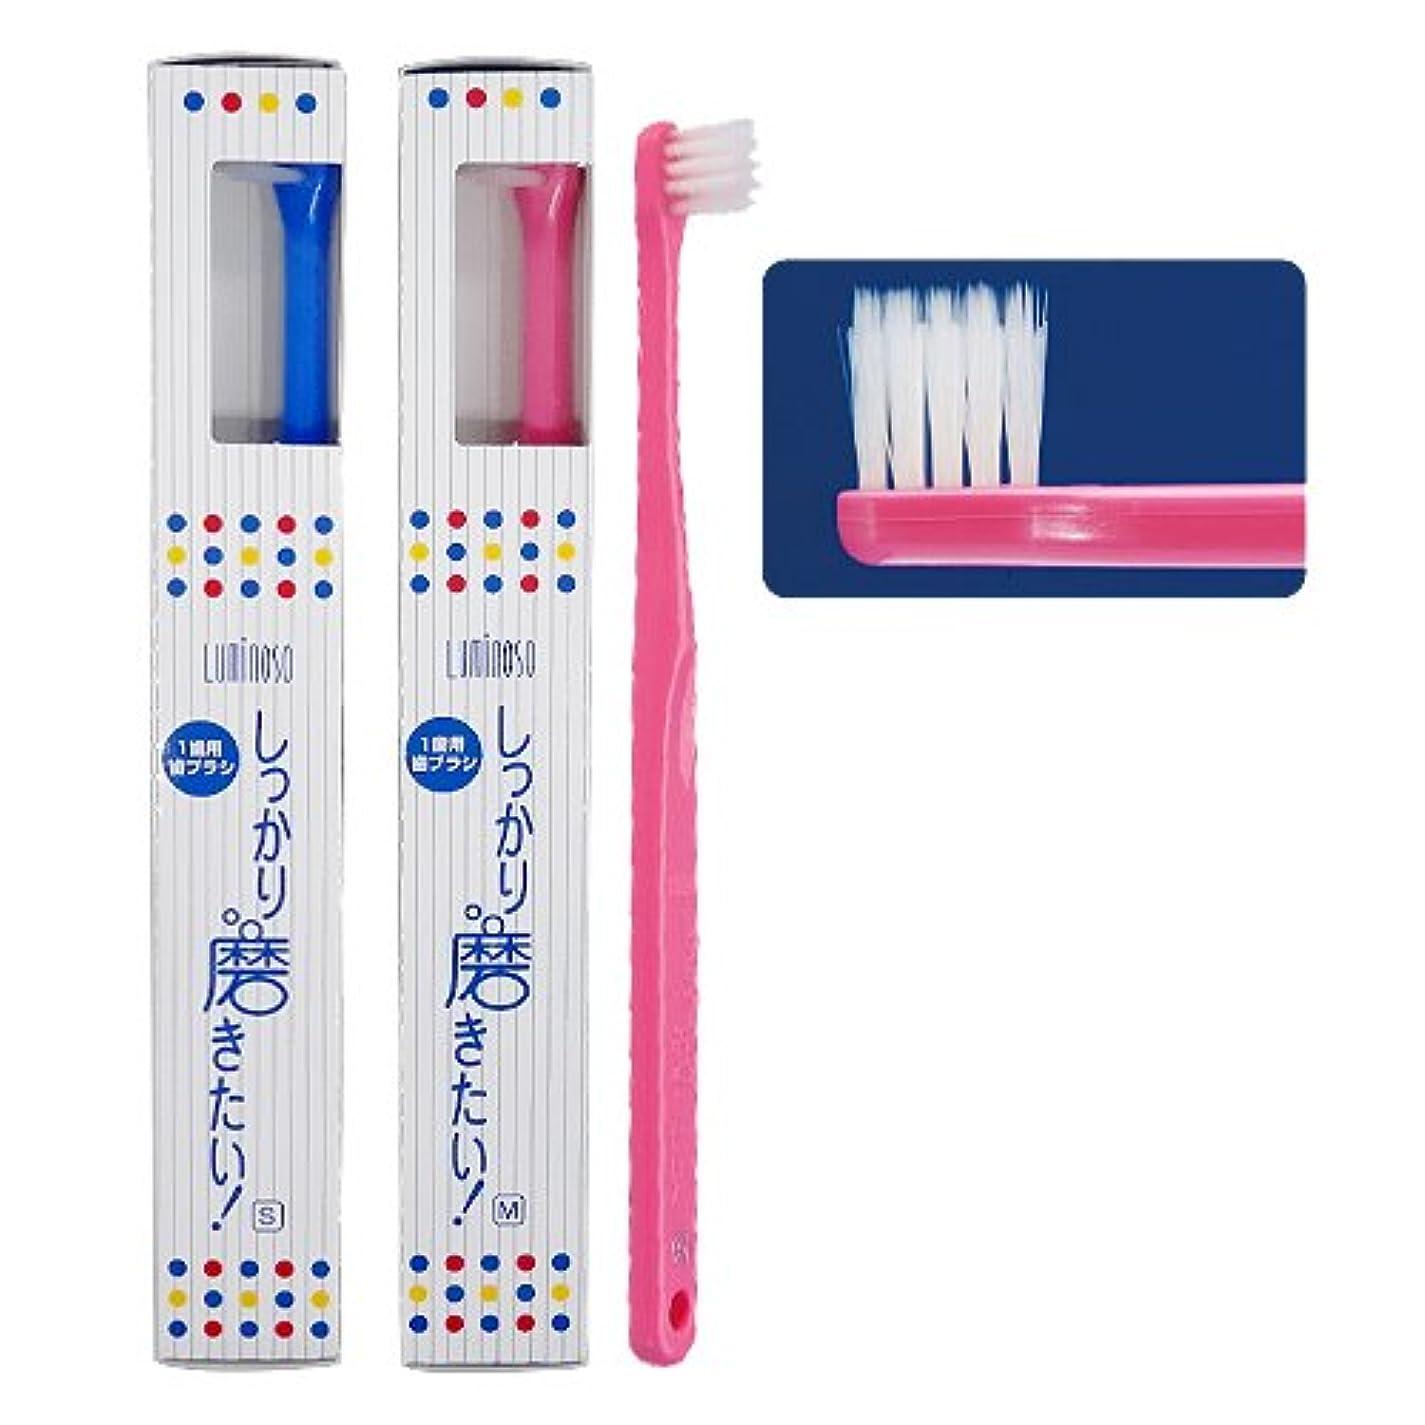 蓋司教広々としたルミノソ 1歯用歯ブラシ「しっかり磨きたい!」スタンダード ソフト